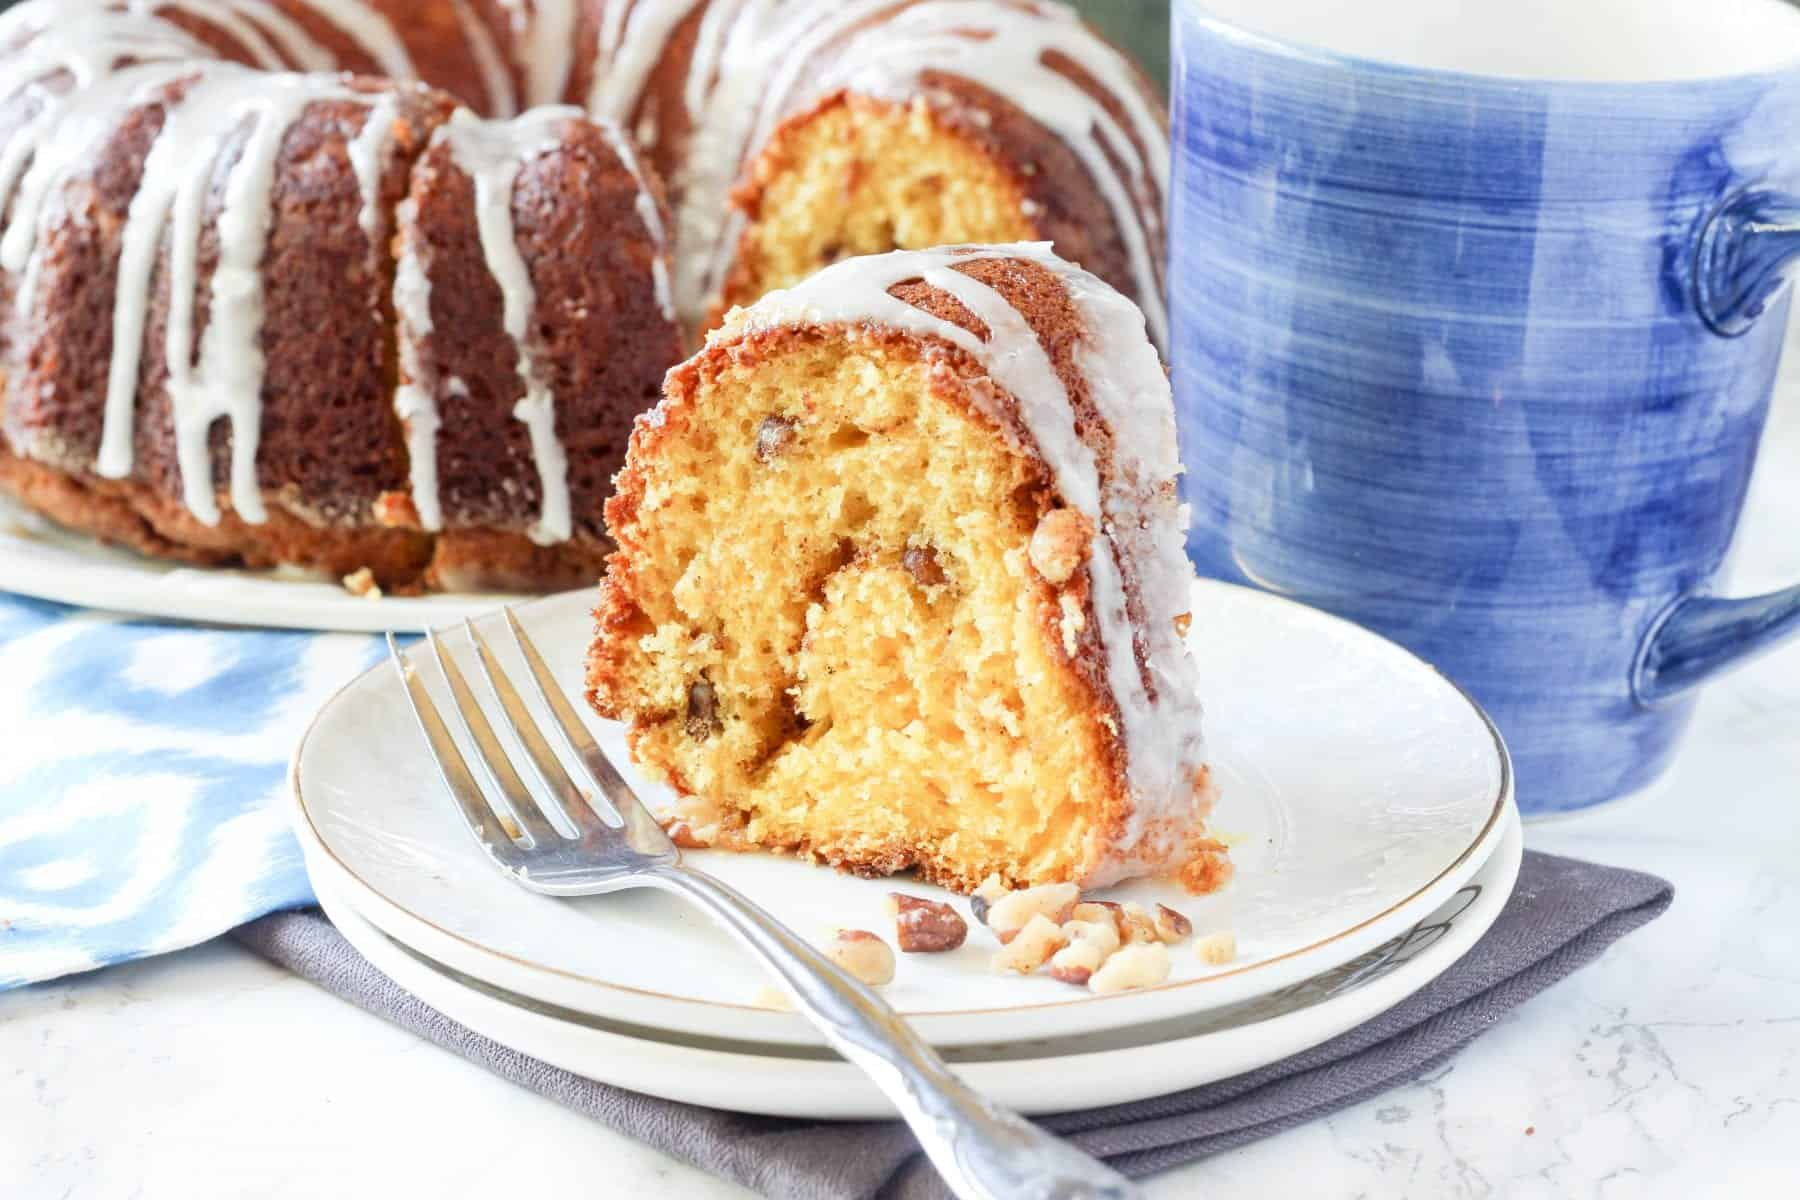 Cinnamon Pecan Breakfast Bundt Cake